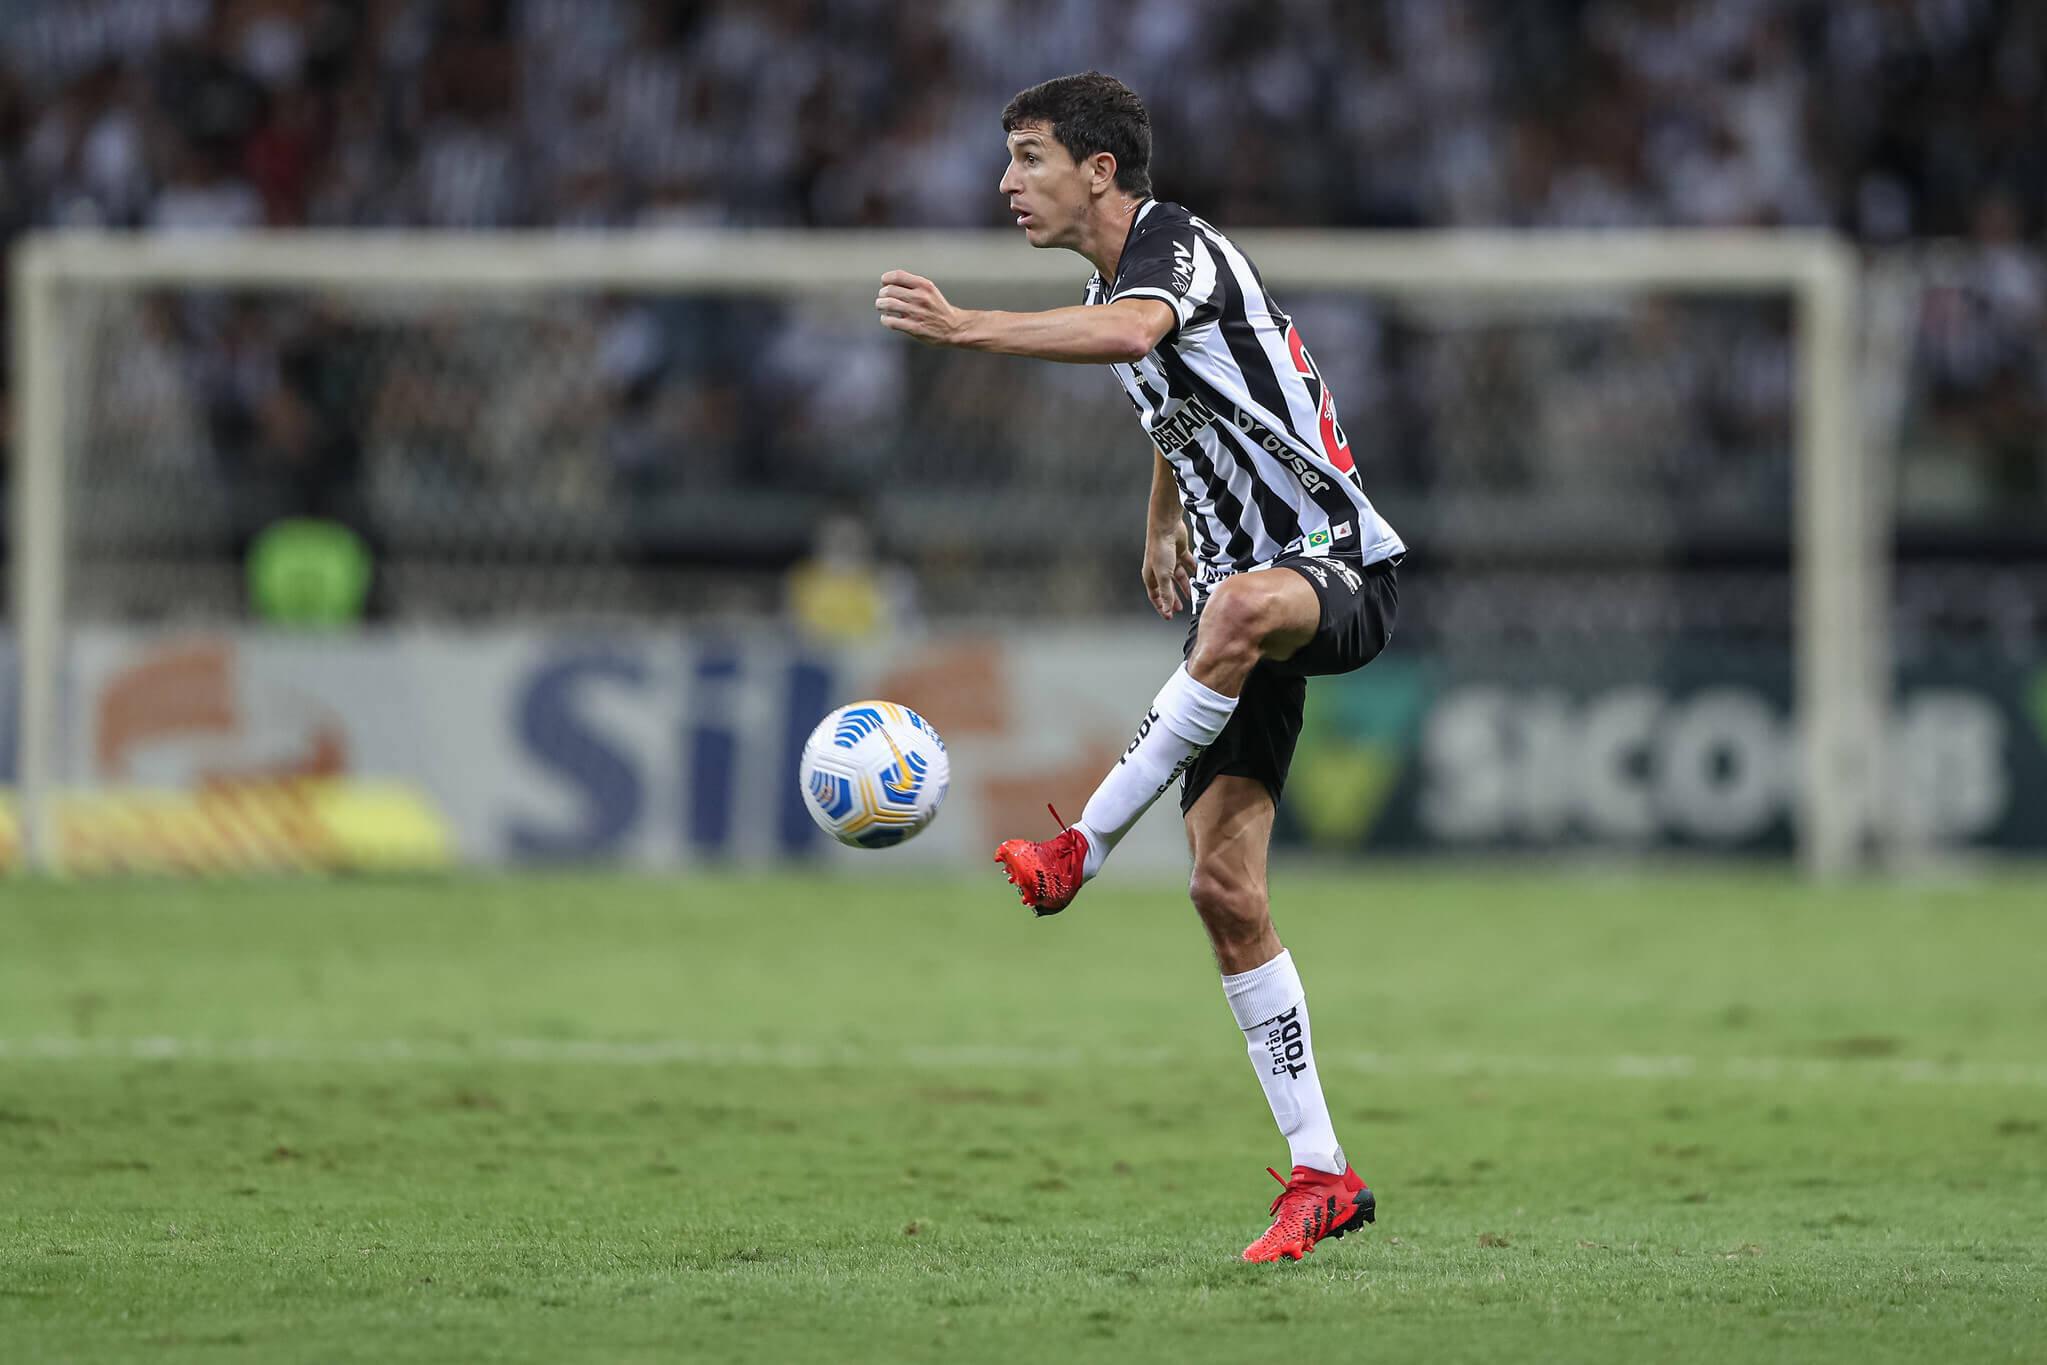 Foto: Flickr / Atlético